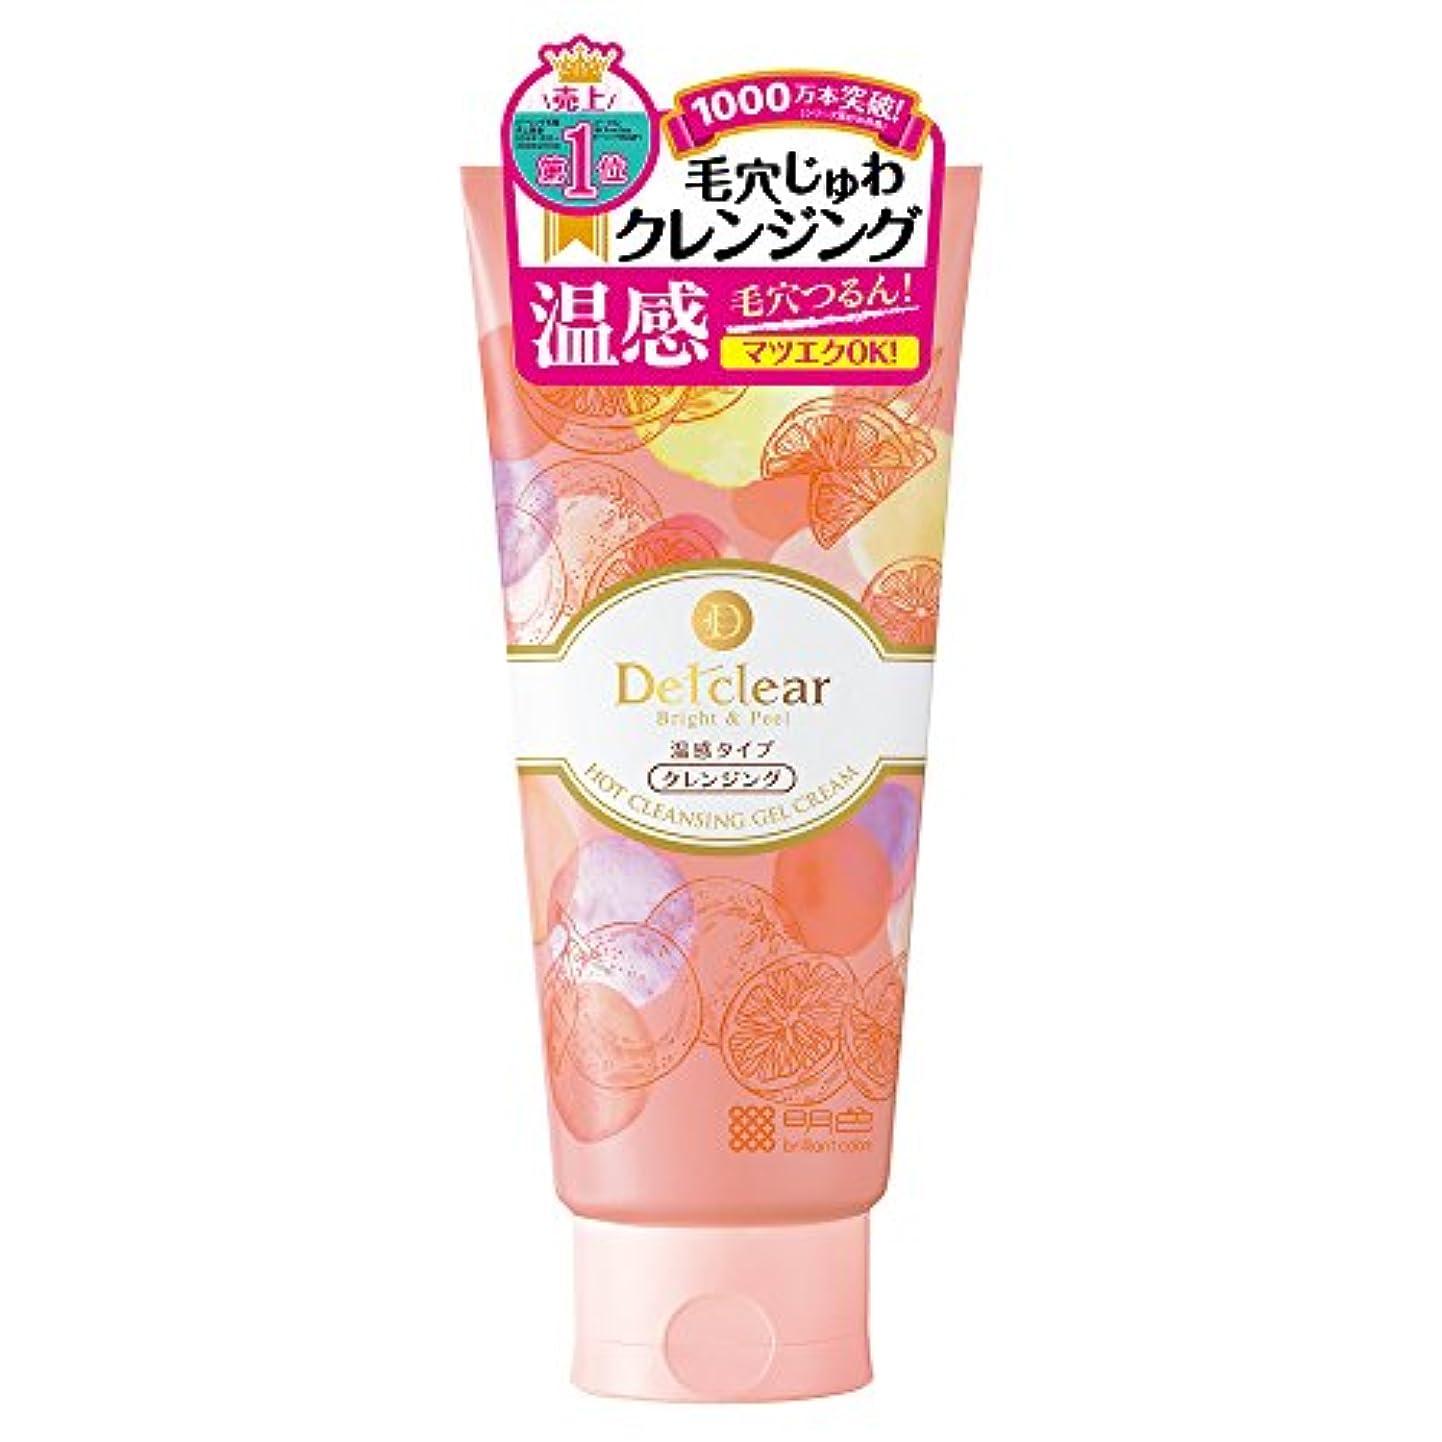 かる星収まるDETクリア ブライト&ピール ホットクレンジング ジェルクリーム 200g (日本製) ベルガモットオレンジの香り